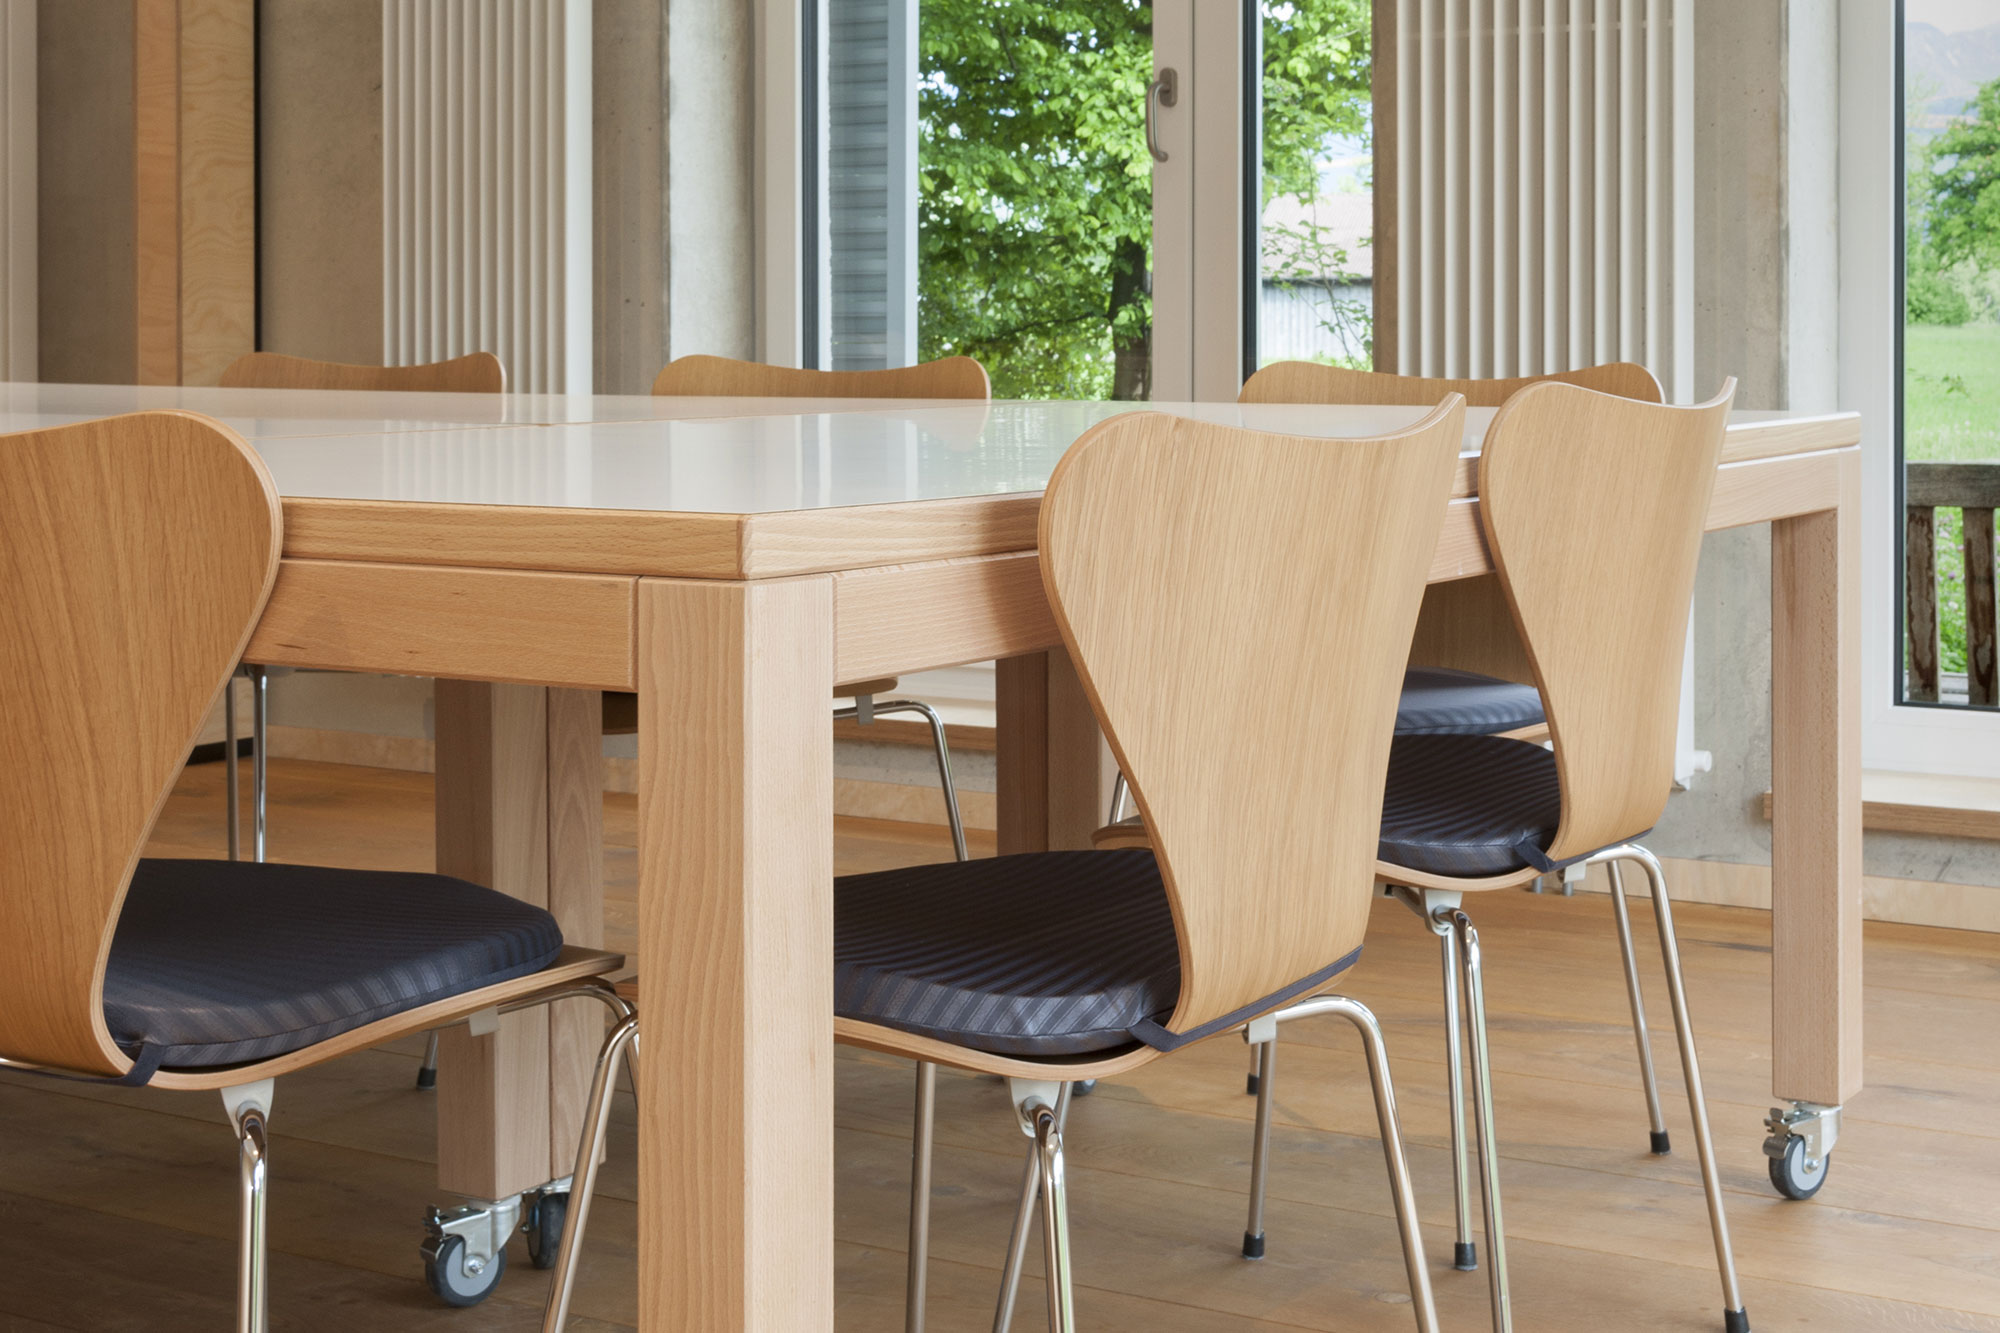 Tischlerei Stöckl Ebbs Inneneinrichtung Anita Büromöbel Büro Besprechungsraum Tisch Stühle